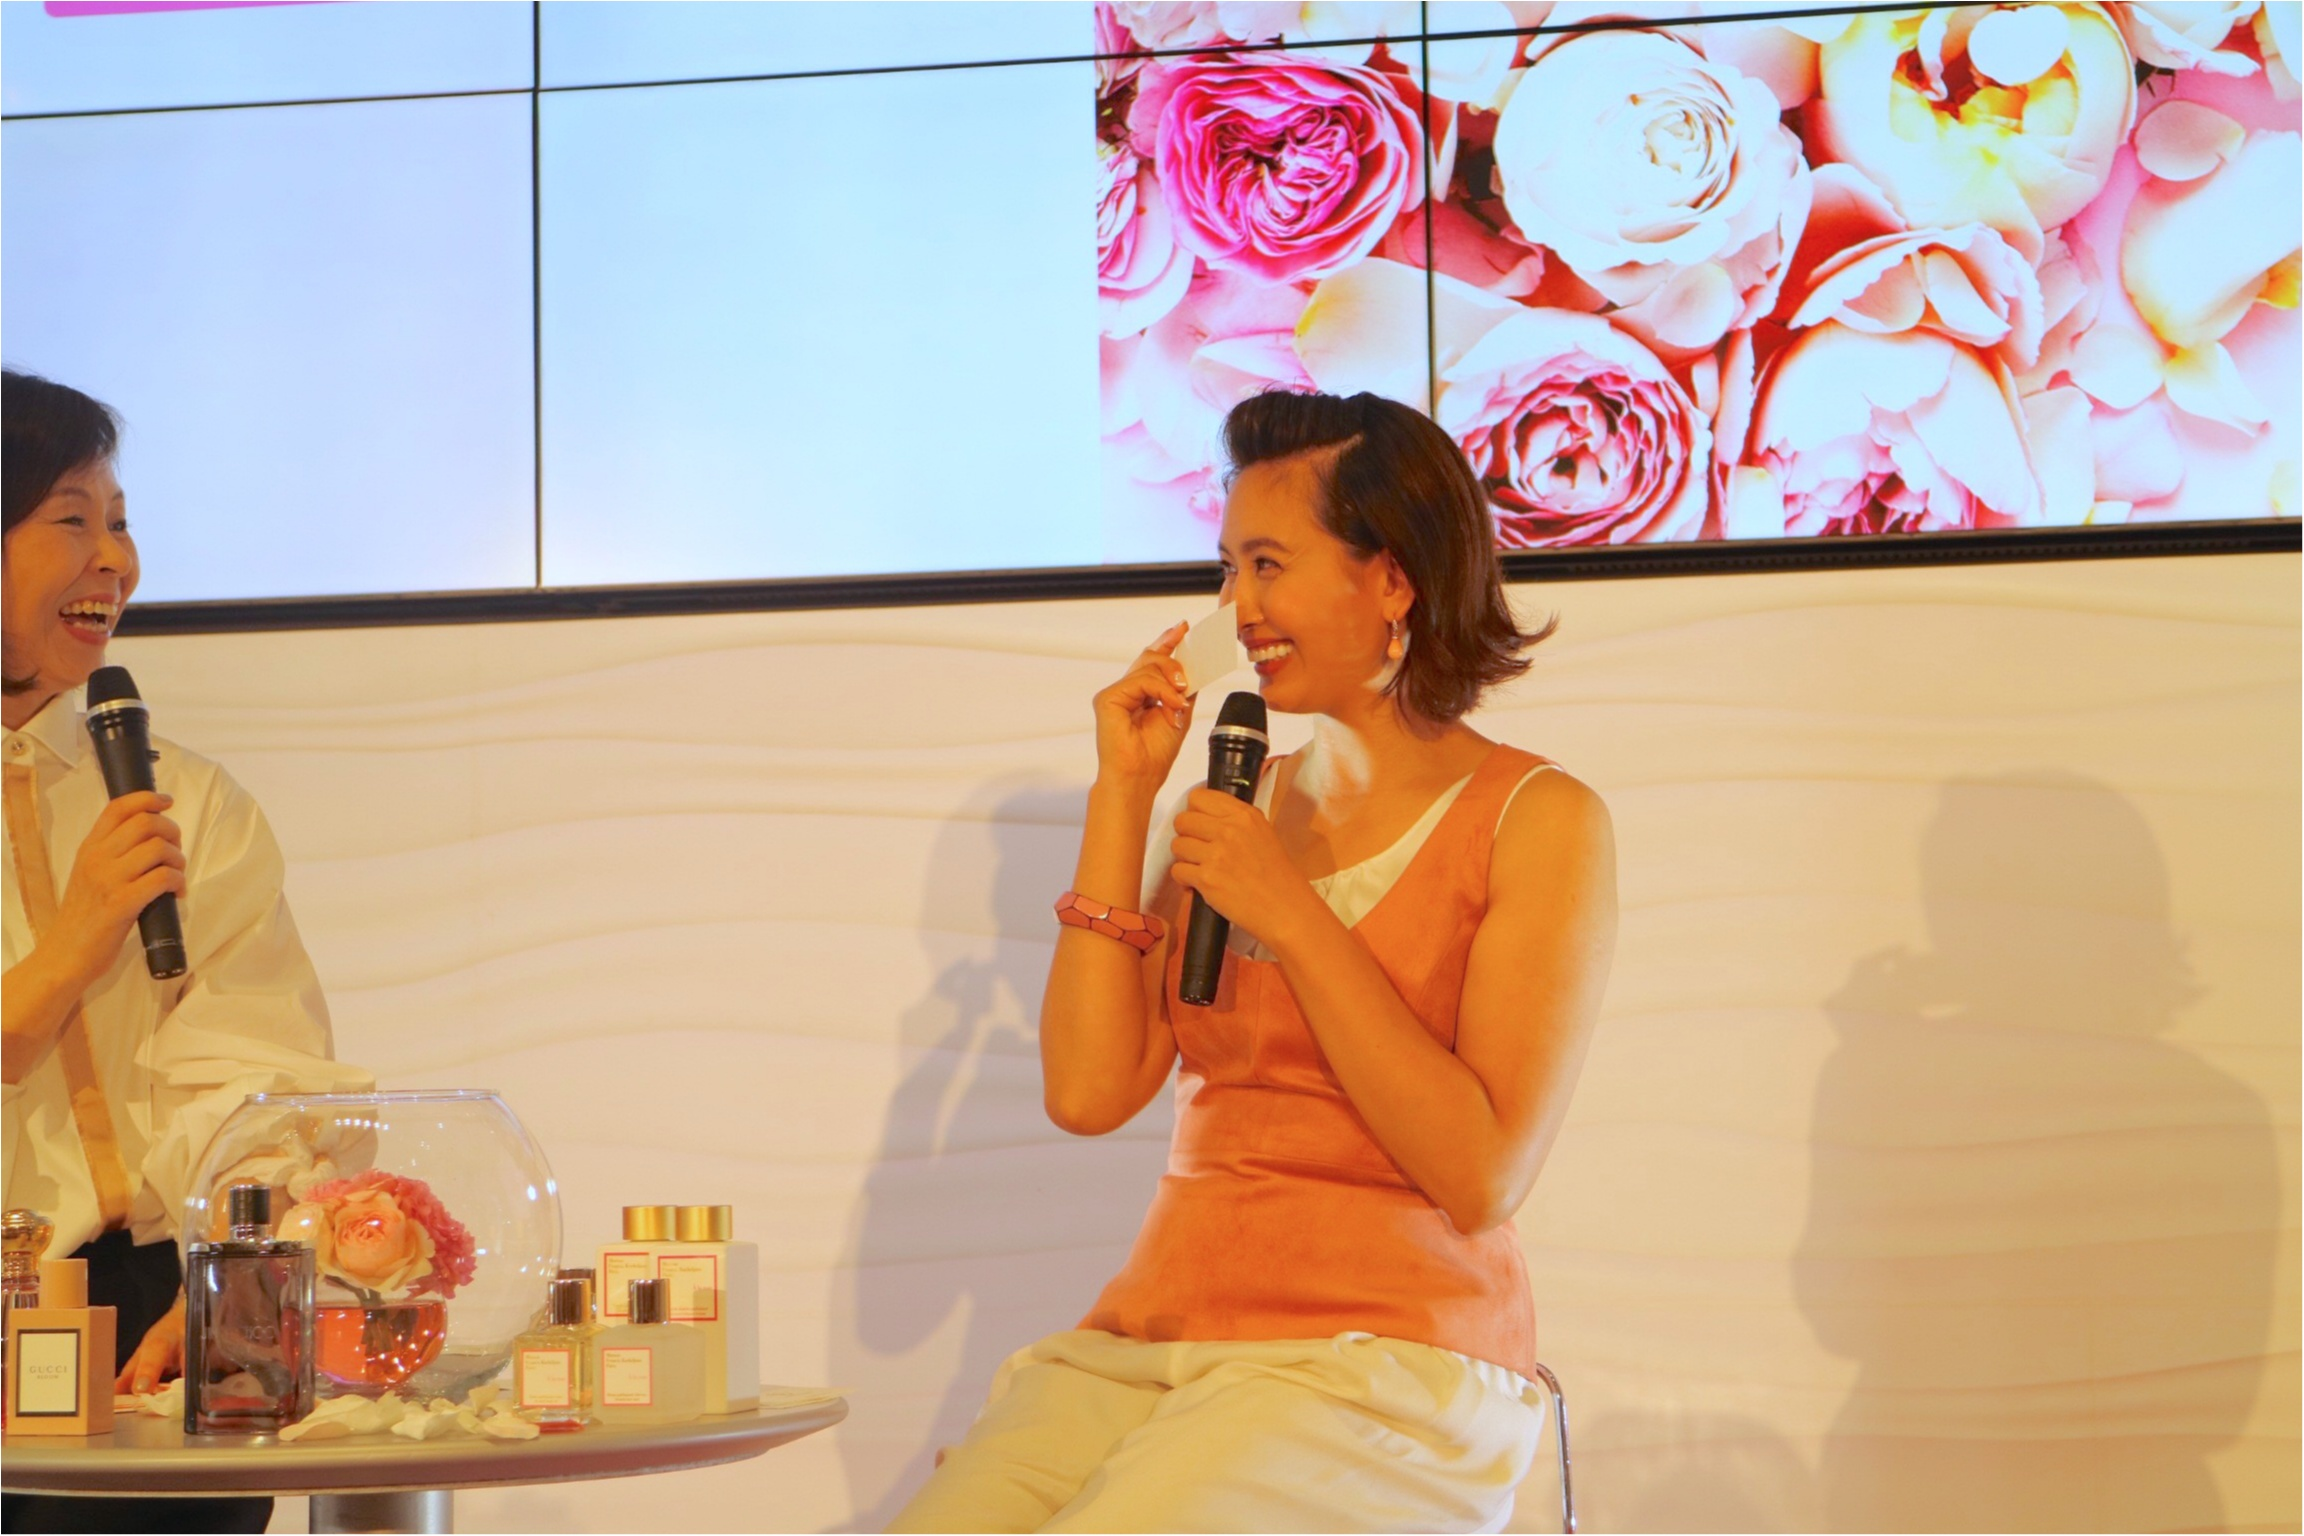 【10/1は香水の日】『ブルーベル・ジャパン』の発表会に潜入! フレグランス アンバサダーの加藤夏希さんに会えるチャンスも♡ _2_2